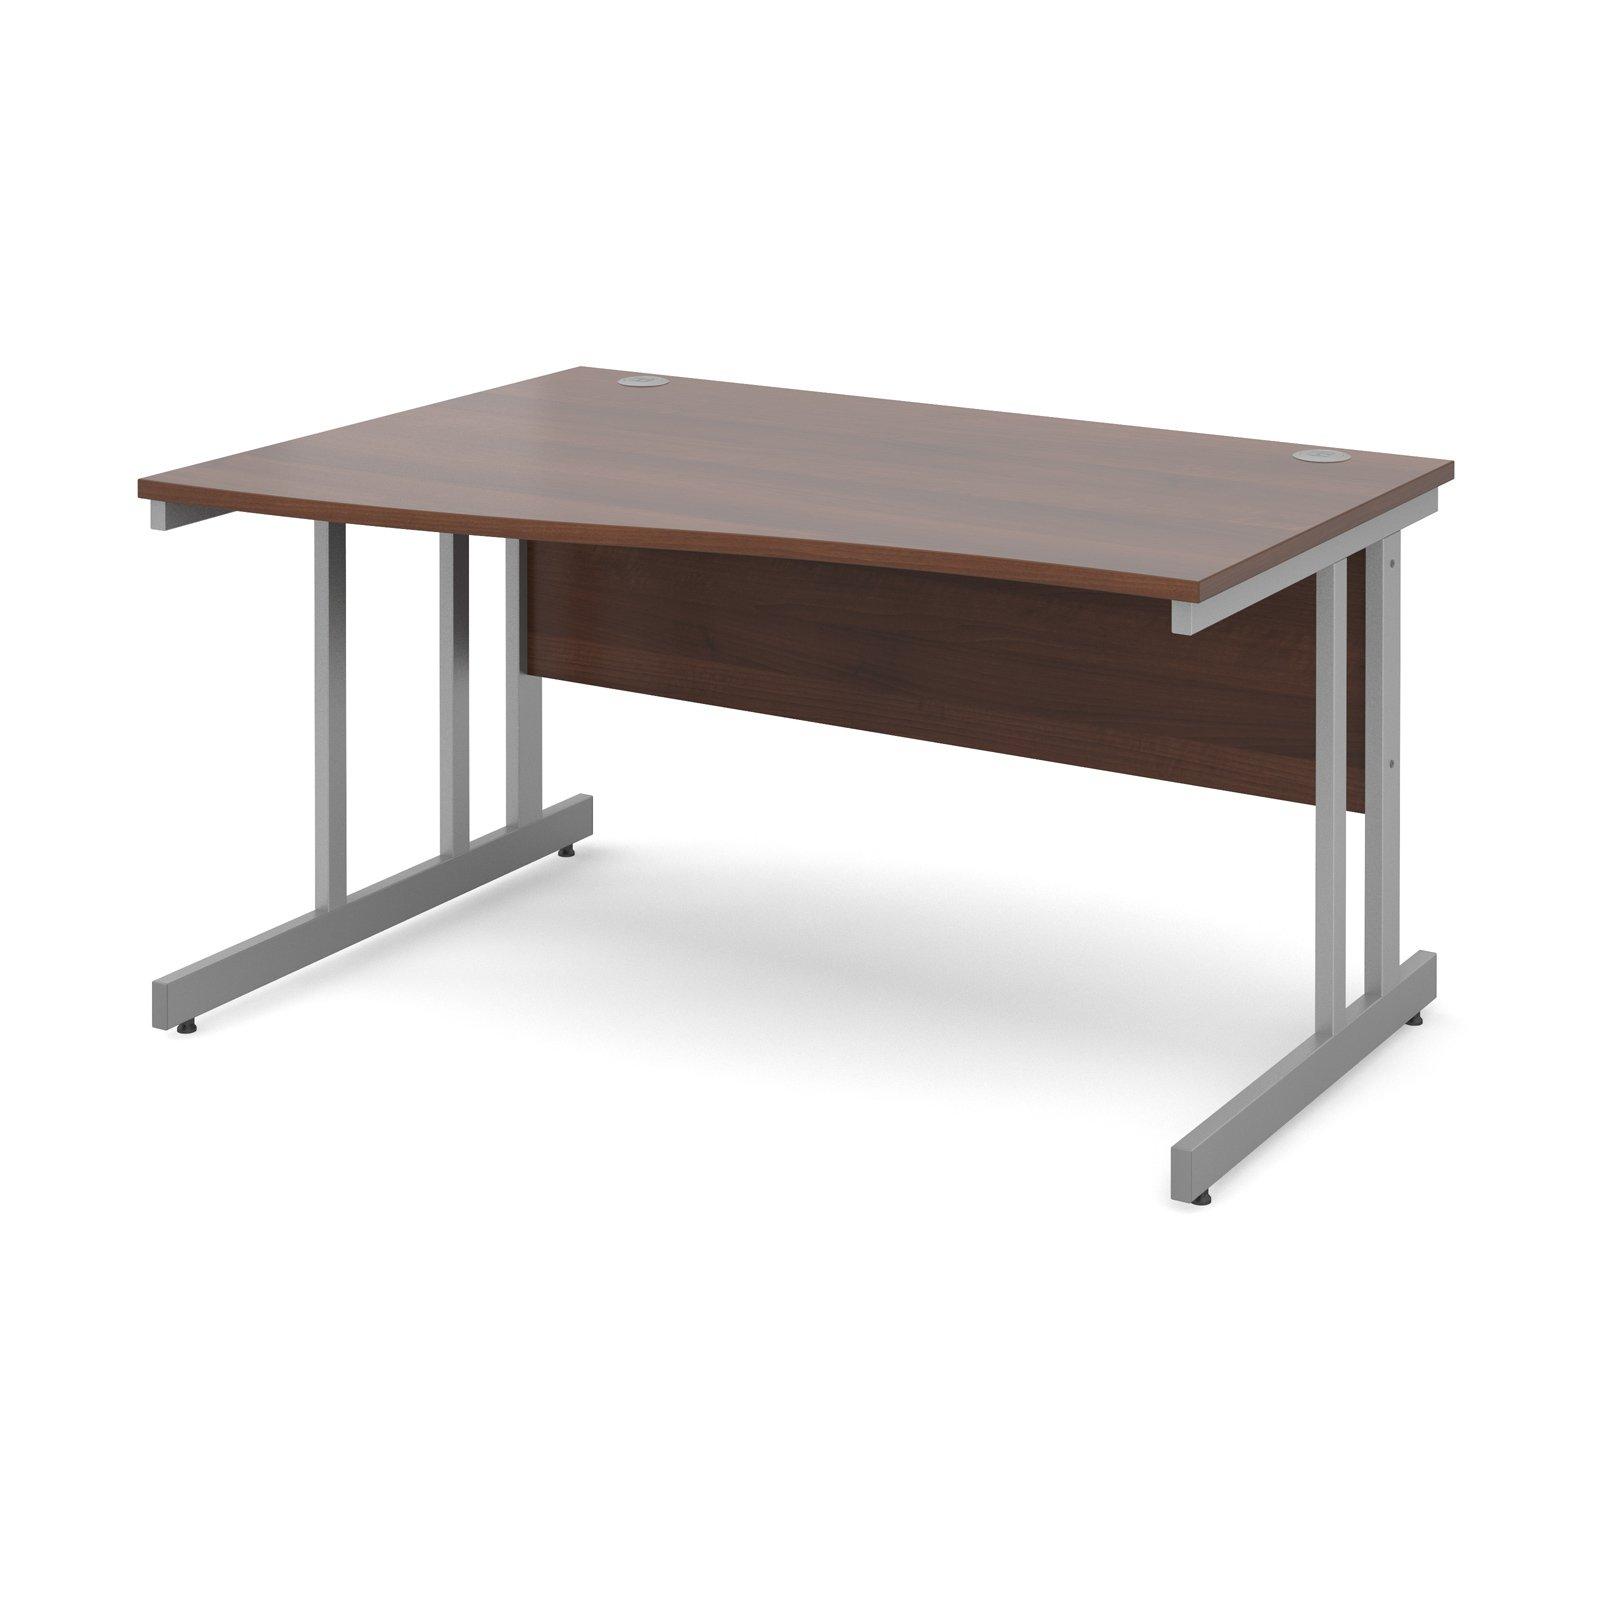 Momento left hand wave desk 1400mm - silver cantilever frame, walnut top